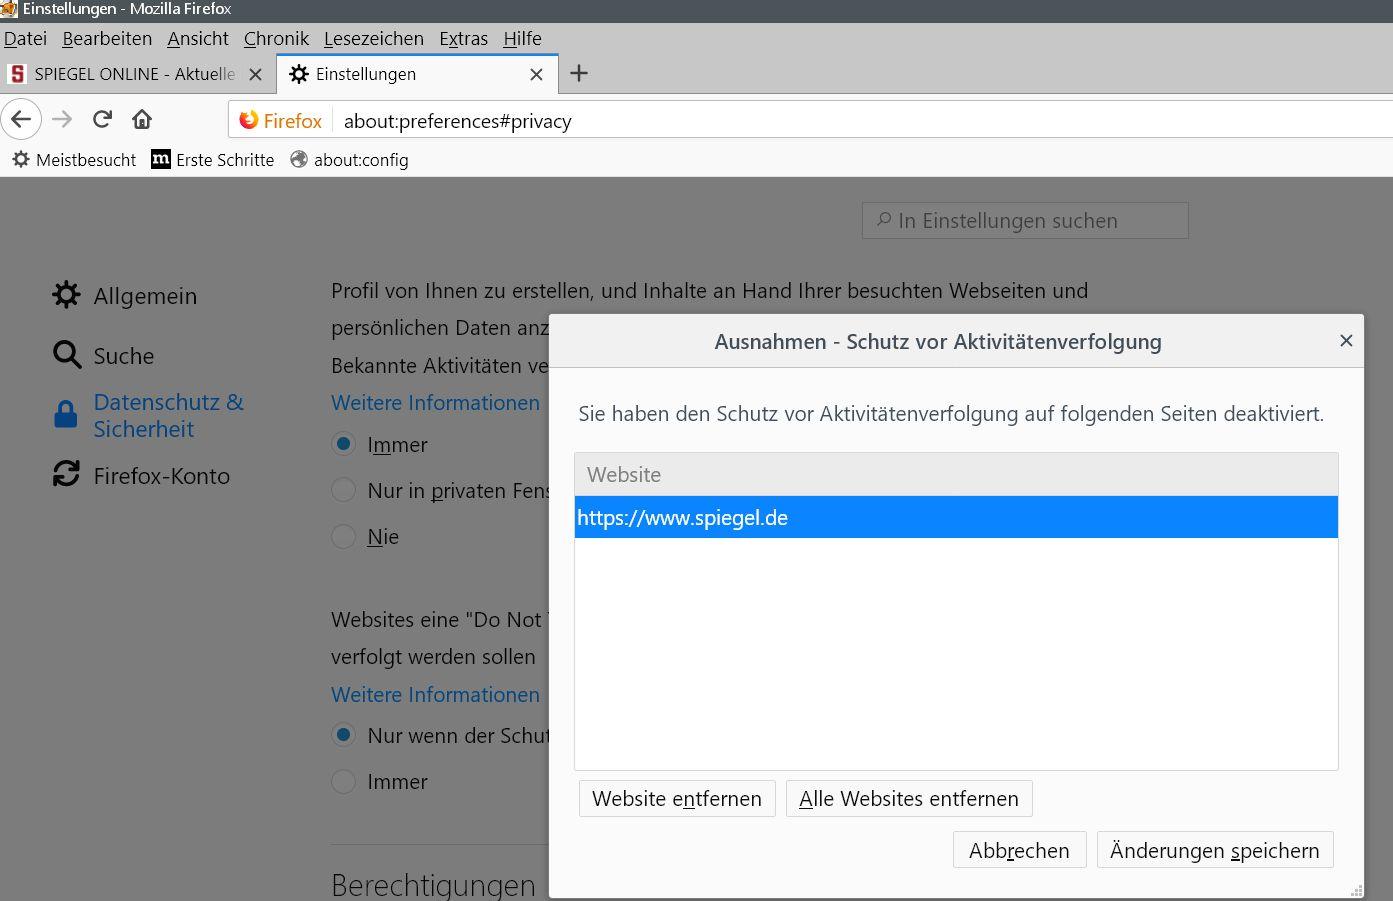 ausnahmen - Firefox Webseiten melden Bitte Adblocker deaktivieren, obwohl keiner aktiviert ist